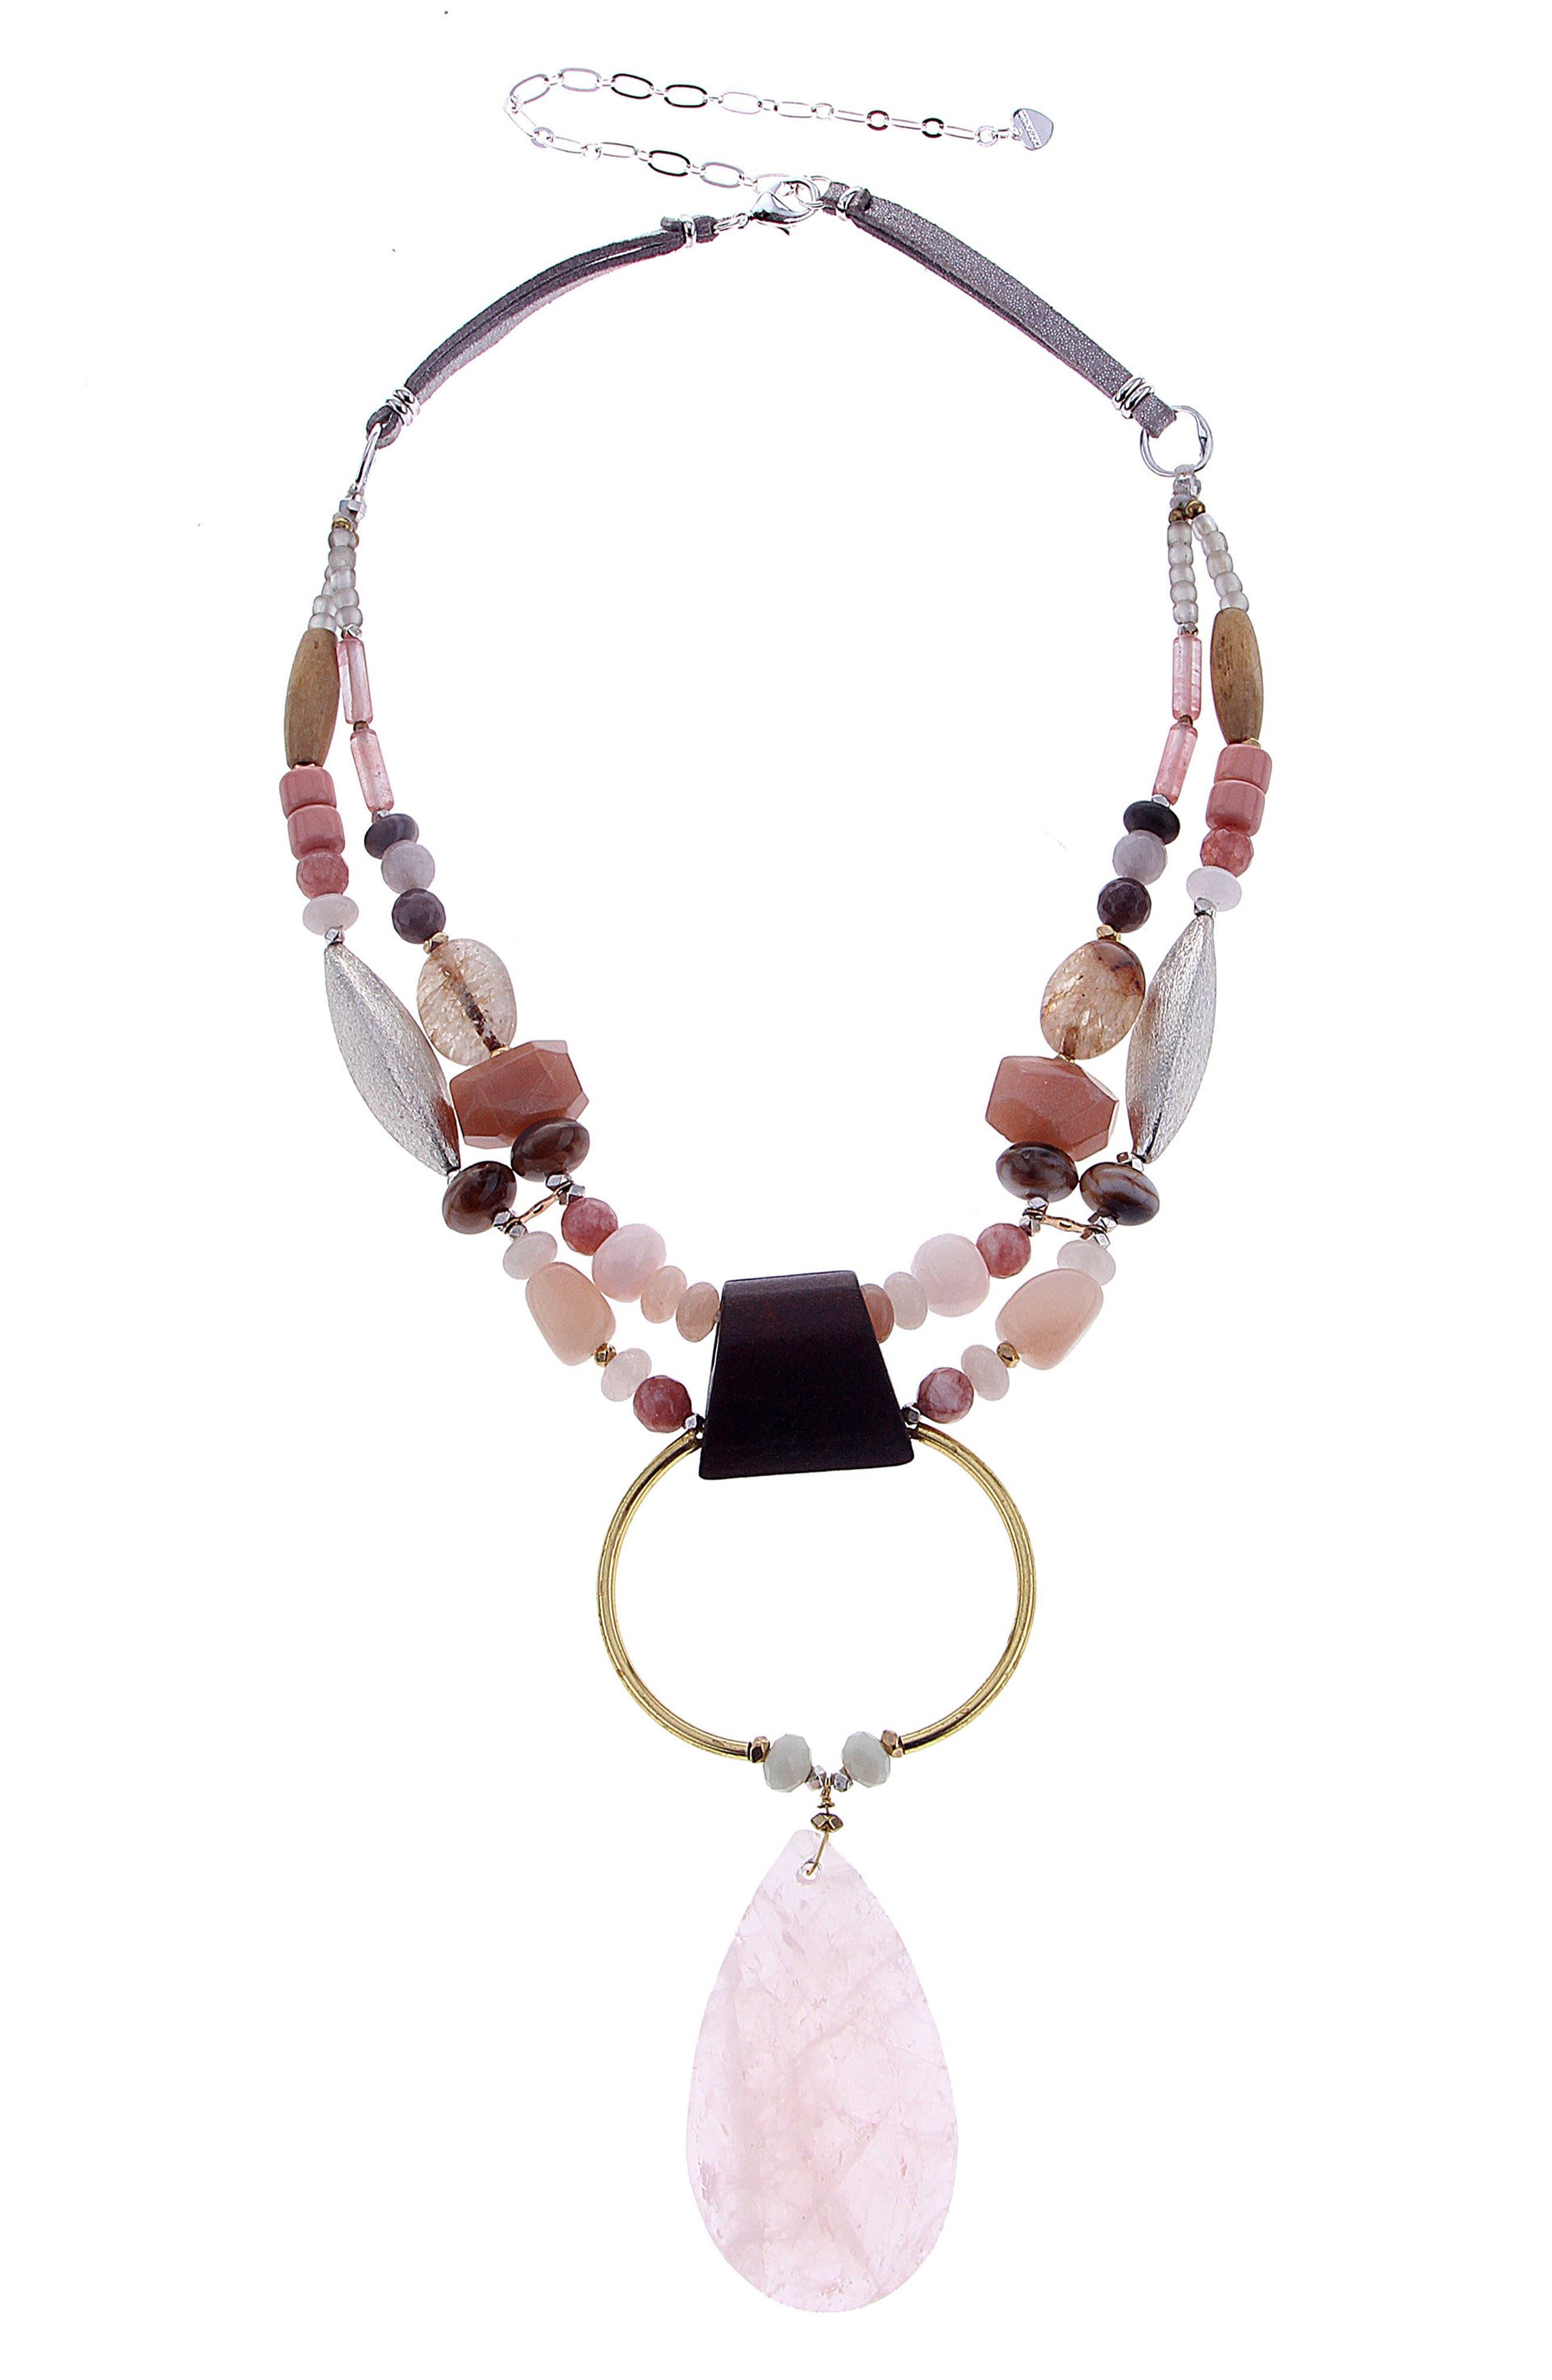 Stone Pendant Necklace,                             Main thumbnail 1, color,                             Peach